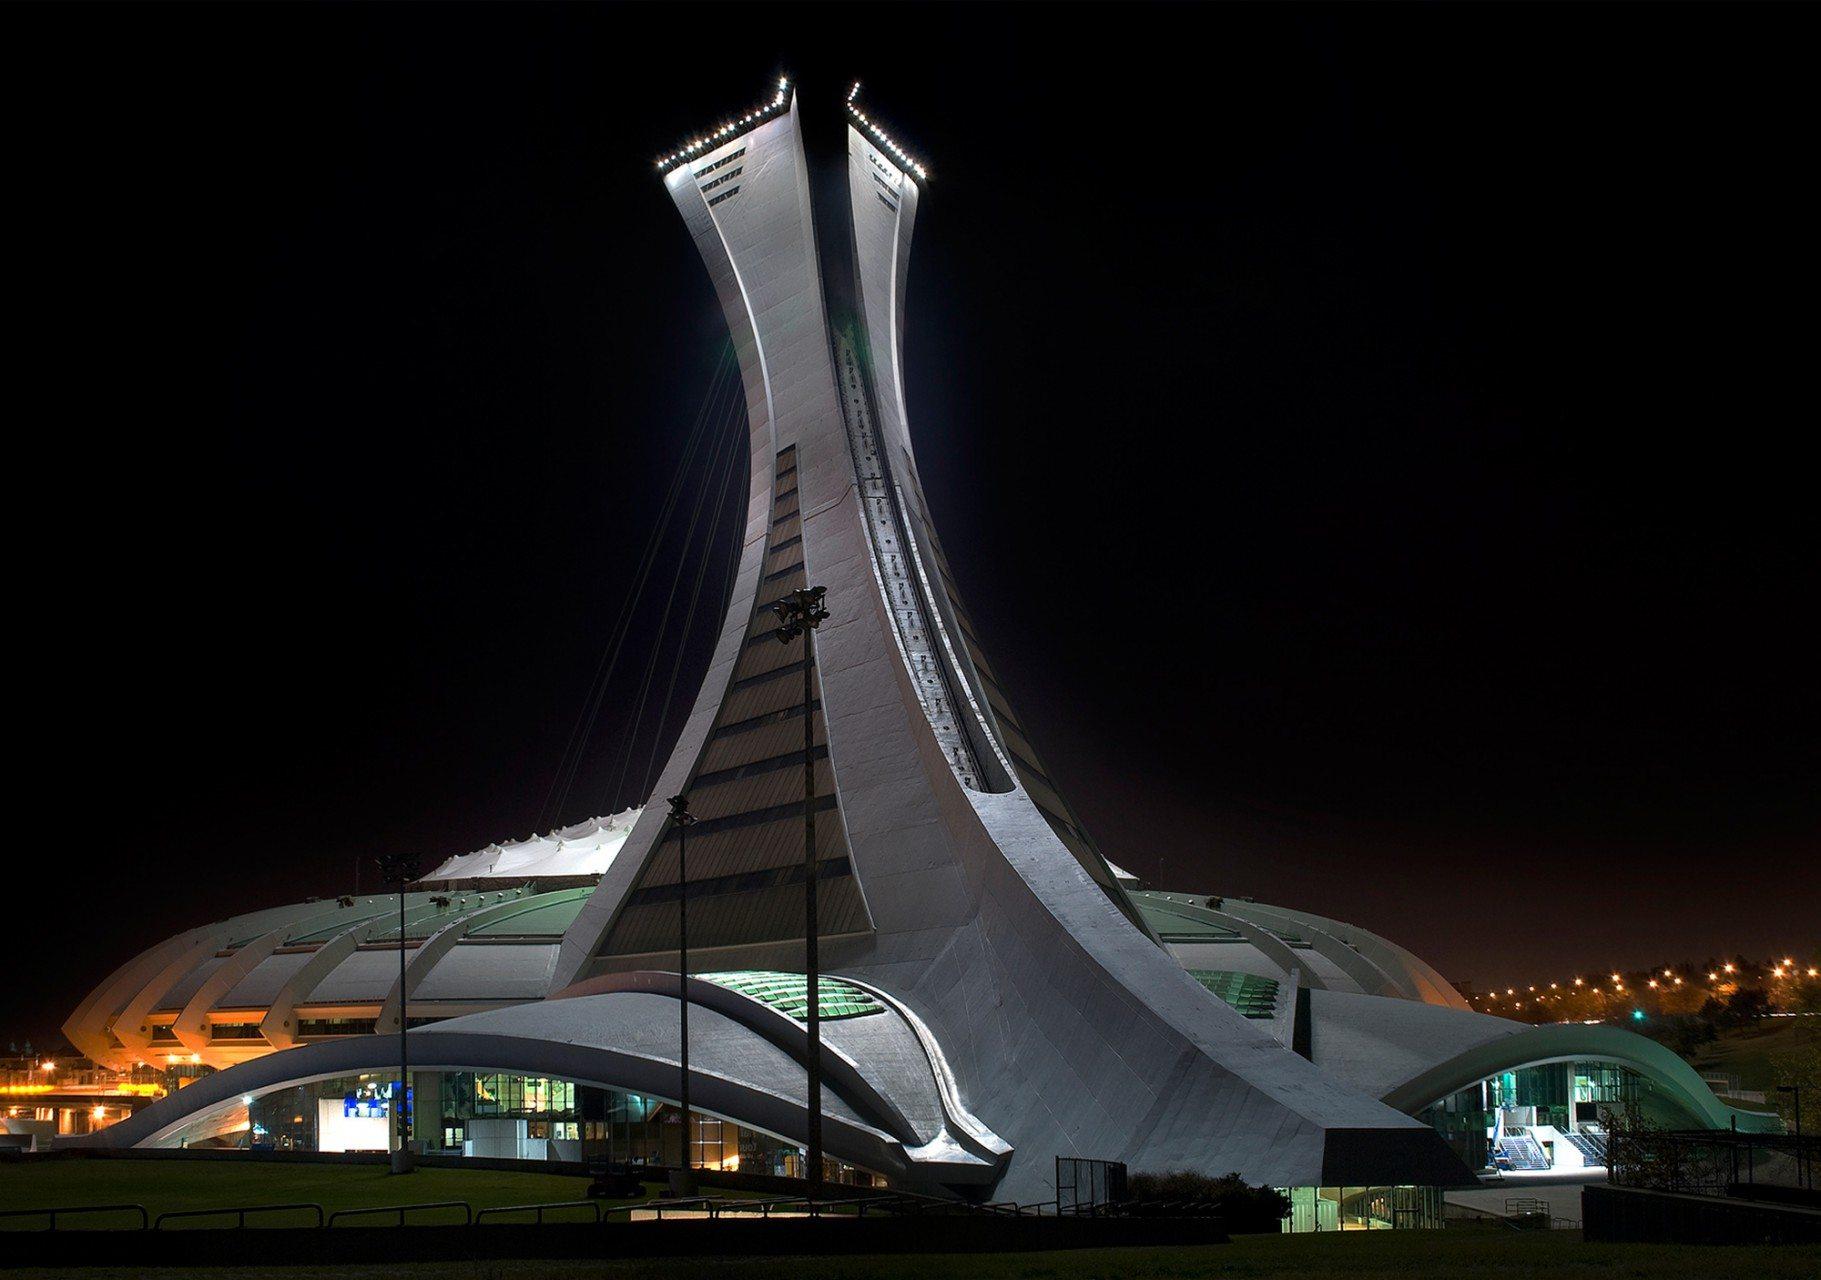 """Stade Olympique Montréal.  Zusammen mit dem renommierten Stuttgarter Ingenieurbüro Schlaich Bergermann & Partner realisierte Taillibert das Olympiastadion in Montréal. Der Bau wurde damals kontrovers diskutiert, sprengte er bei seiner Errichtung 1997, wie viele andere Olympiaprojekte, bei weitem den anvisierten Kostenrahmen. Dennoch bescheinigte die """"Zeit"""" dem Bauwerk seinerzeit, es sei """"ein Festival fürs Auge"""". Sein wandelbares Kevlar-Membrandach ist eines der ersten und größten weltweit, das vollständig aus Kunststoffen konstruiert wurde. Die 20.000 qm Membranfläche wird von einem 168 m hohen, leicht geneigten Turm an Seilen abgelassen. 43 Winden, 26 Aufhängepunkte und 17 Randseile, die am Betonkranz verankert sind, halten sie in seiner antiklastischen (gegenseitig gekrümmten) Form. Das Dach kann in nur 30 Minuten vollautomatisch entfaltet werden. Eine zusätzliche PVC-Membran, welche mittels eines Kevlar-Seilnetzes unter die Haupt-Membran gespannt wird, schützt vor den kalten kanadischen Wintern. Auf der Spitze des prägnanten Turmes befindet sich der Salon Montréal, der bis zu 200 Personen aufnehmen kann. In verglasten Doppeldecker-Gondeln werden die Besucher über eine Seilbahn bis zu der auf 166 Meter gelegenen Aussichtsplattform fördert."""